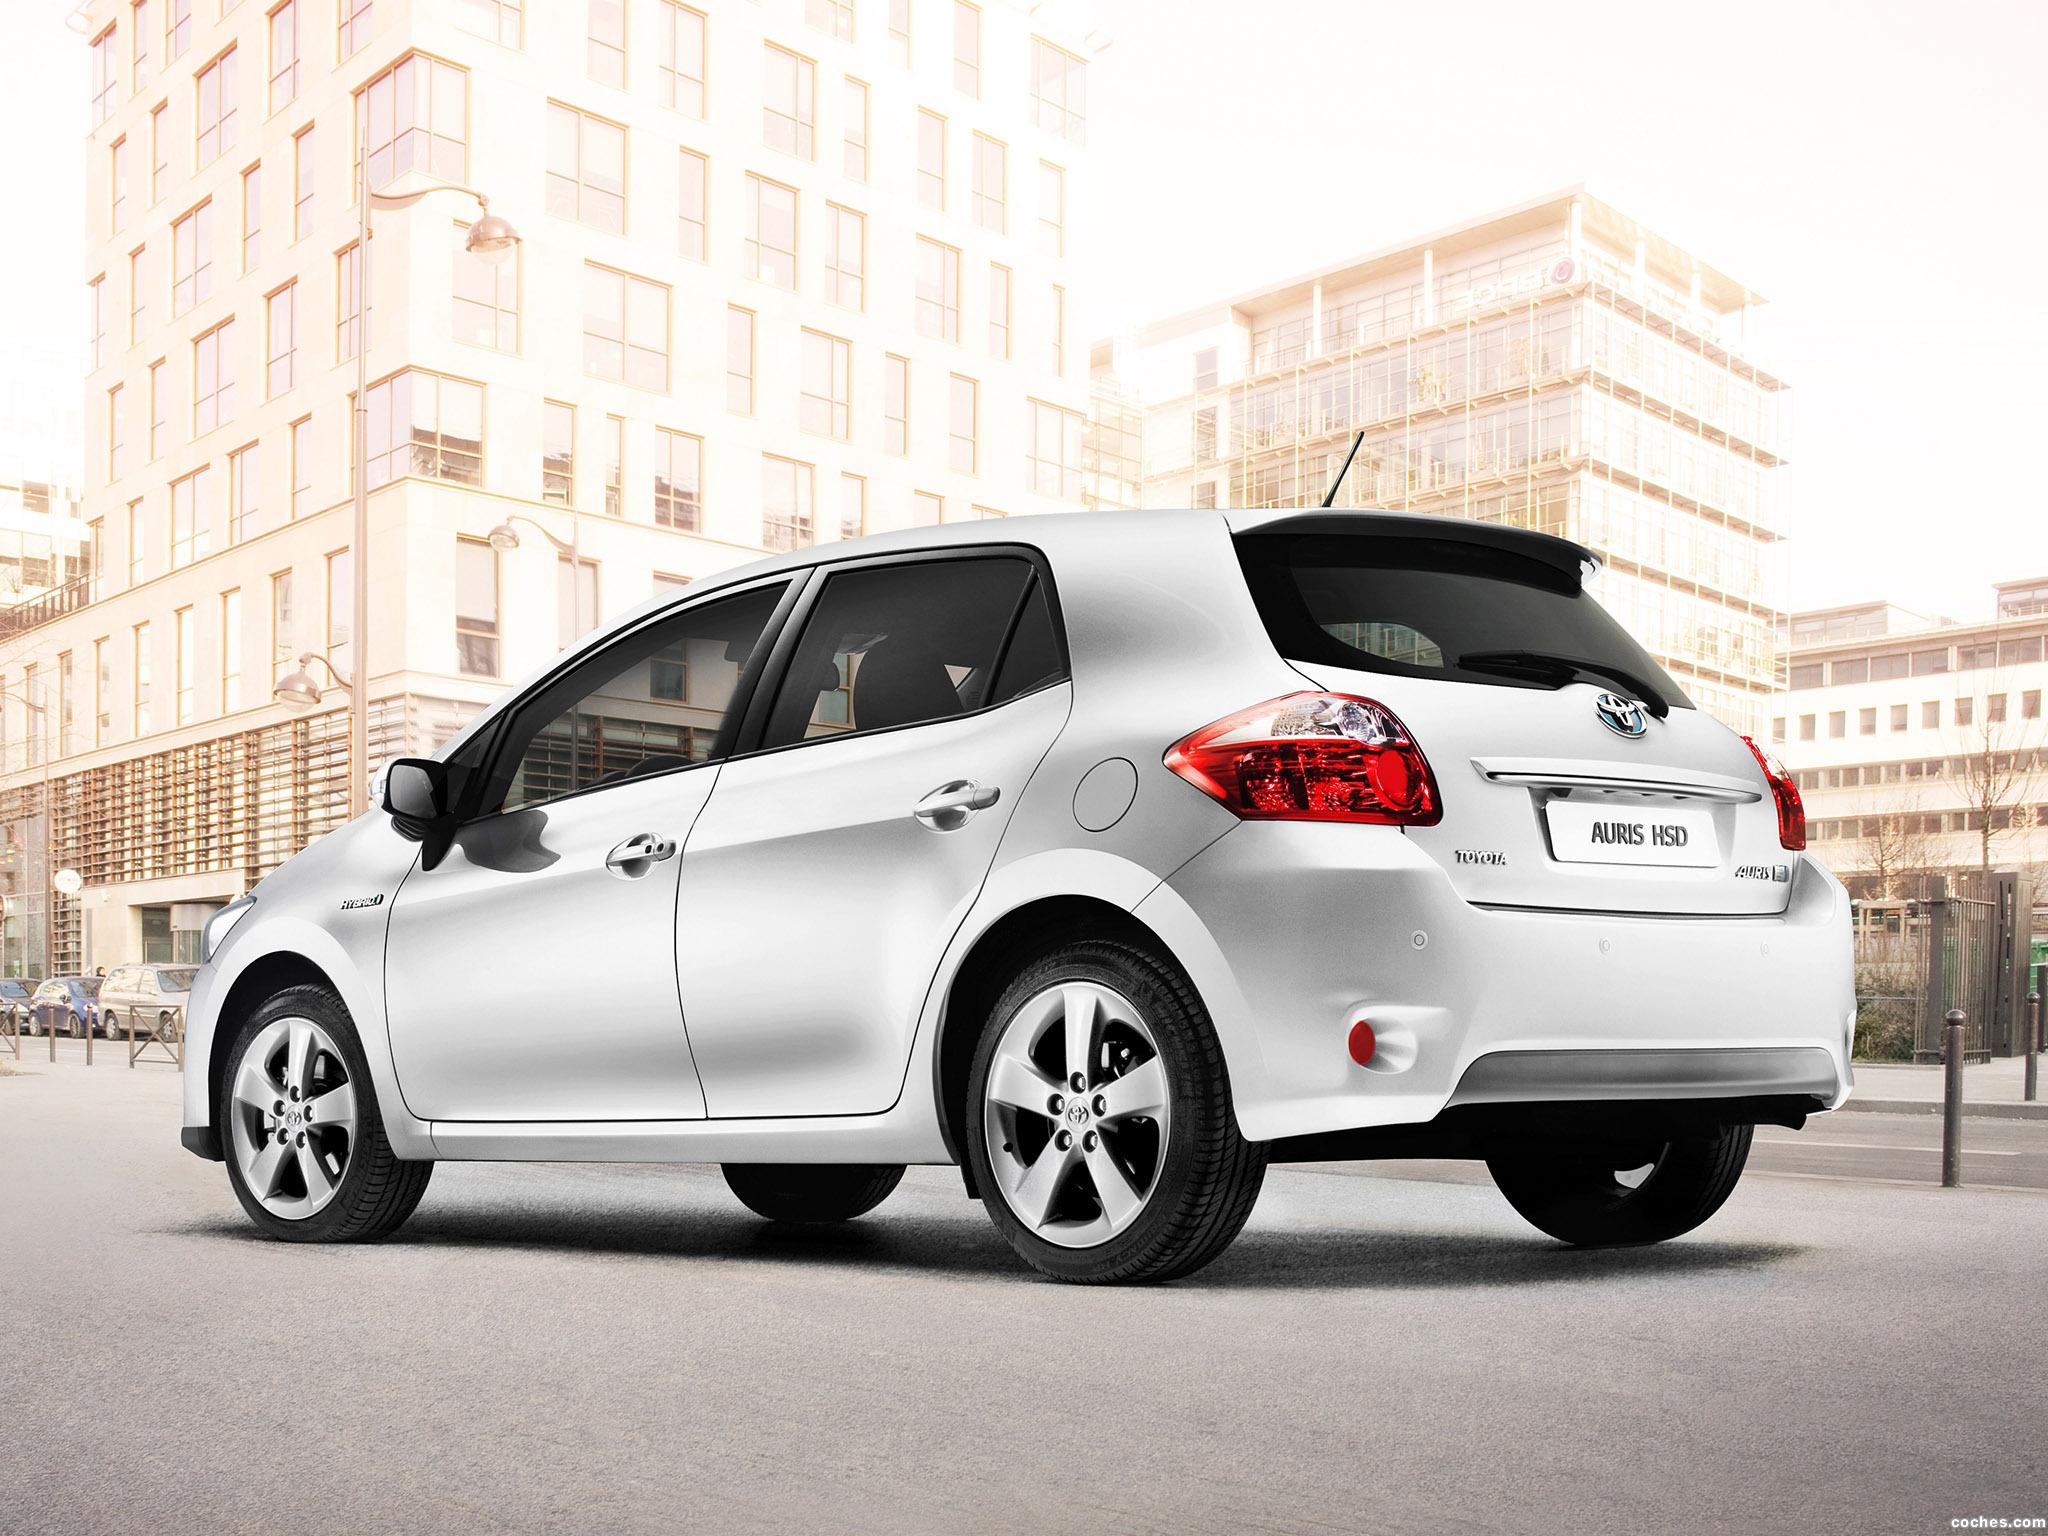 Foto 3 de Toyota Auris HSD 2010